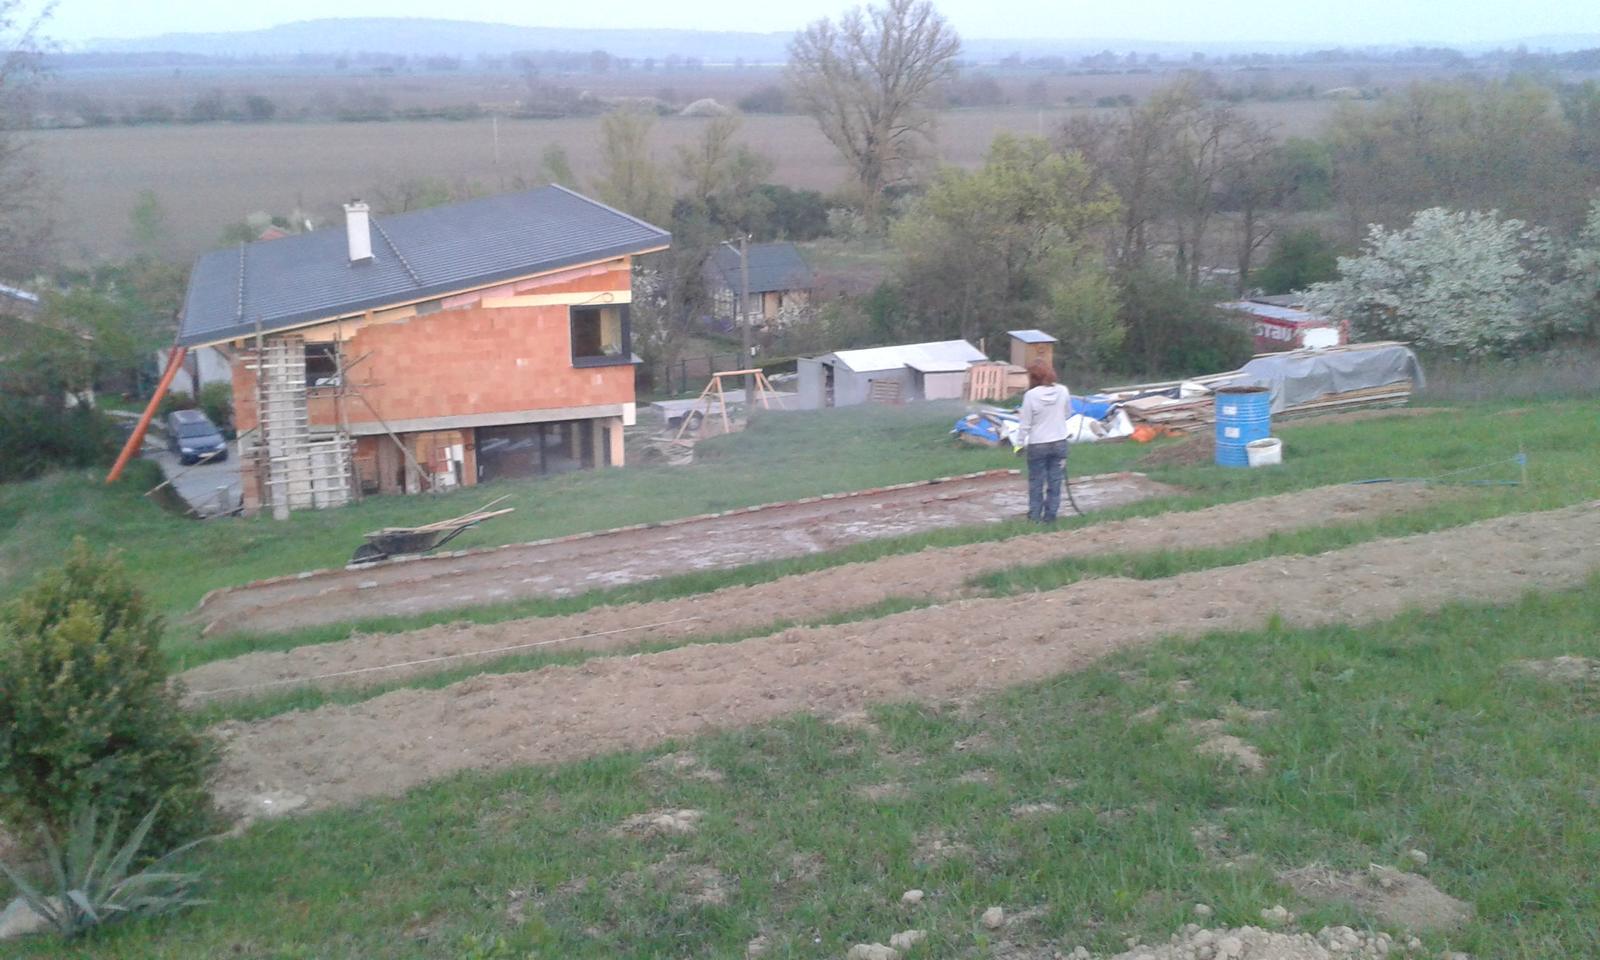 Okolie domu, záhrada - 12.4.2016 - Už sme čosi aj posadili - uvidíme či niečo z toho bude, alebo len krmivo pre polnú zver.